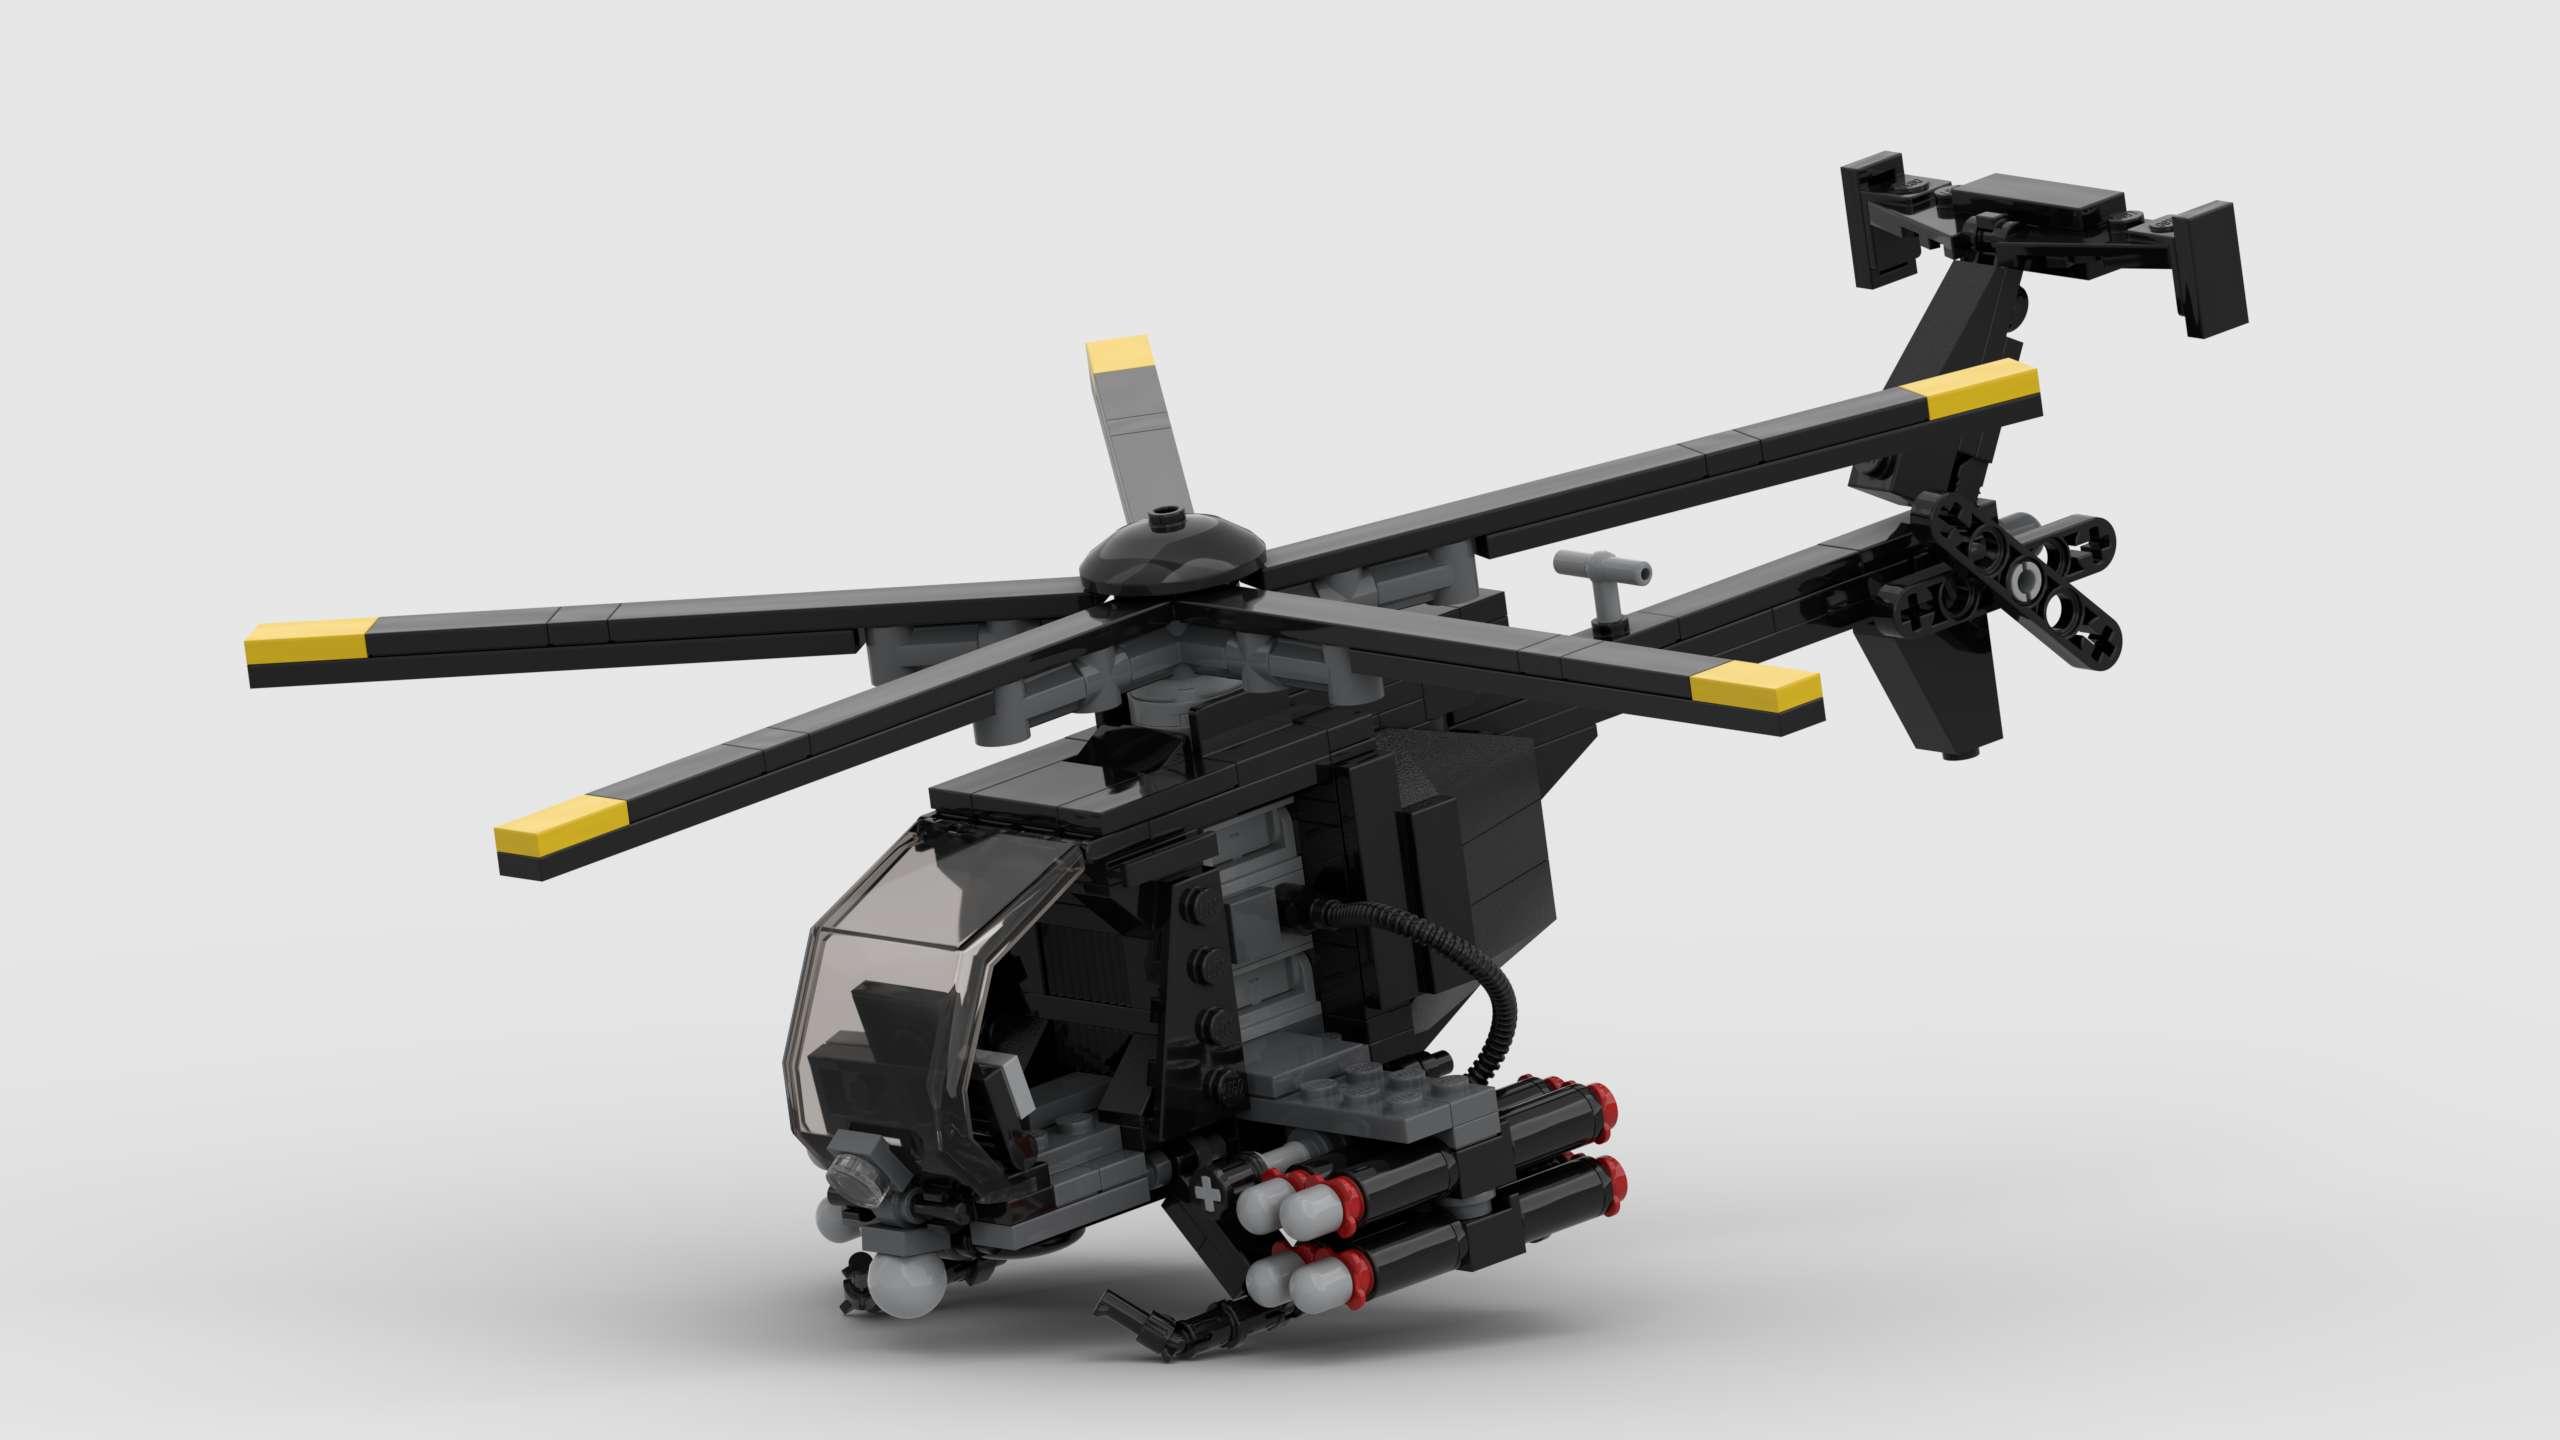 MH-6 Little Bird_2